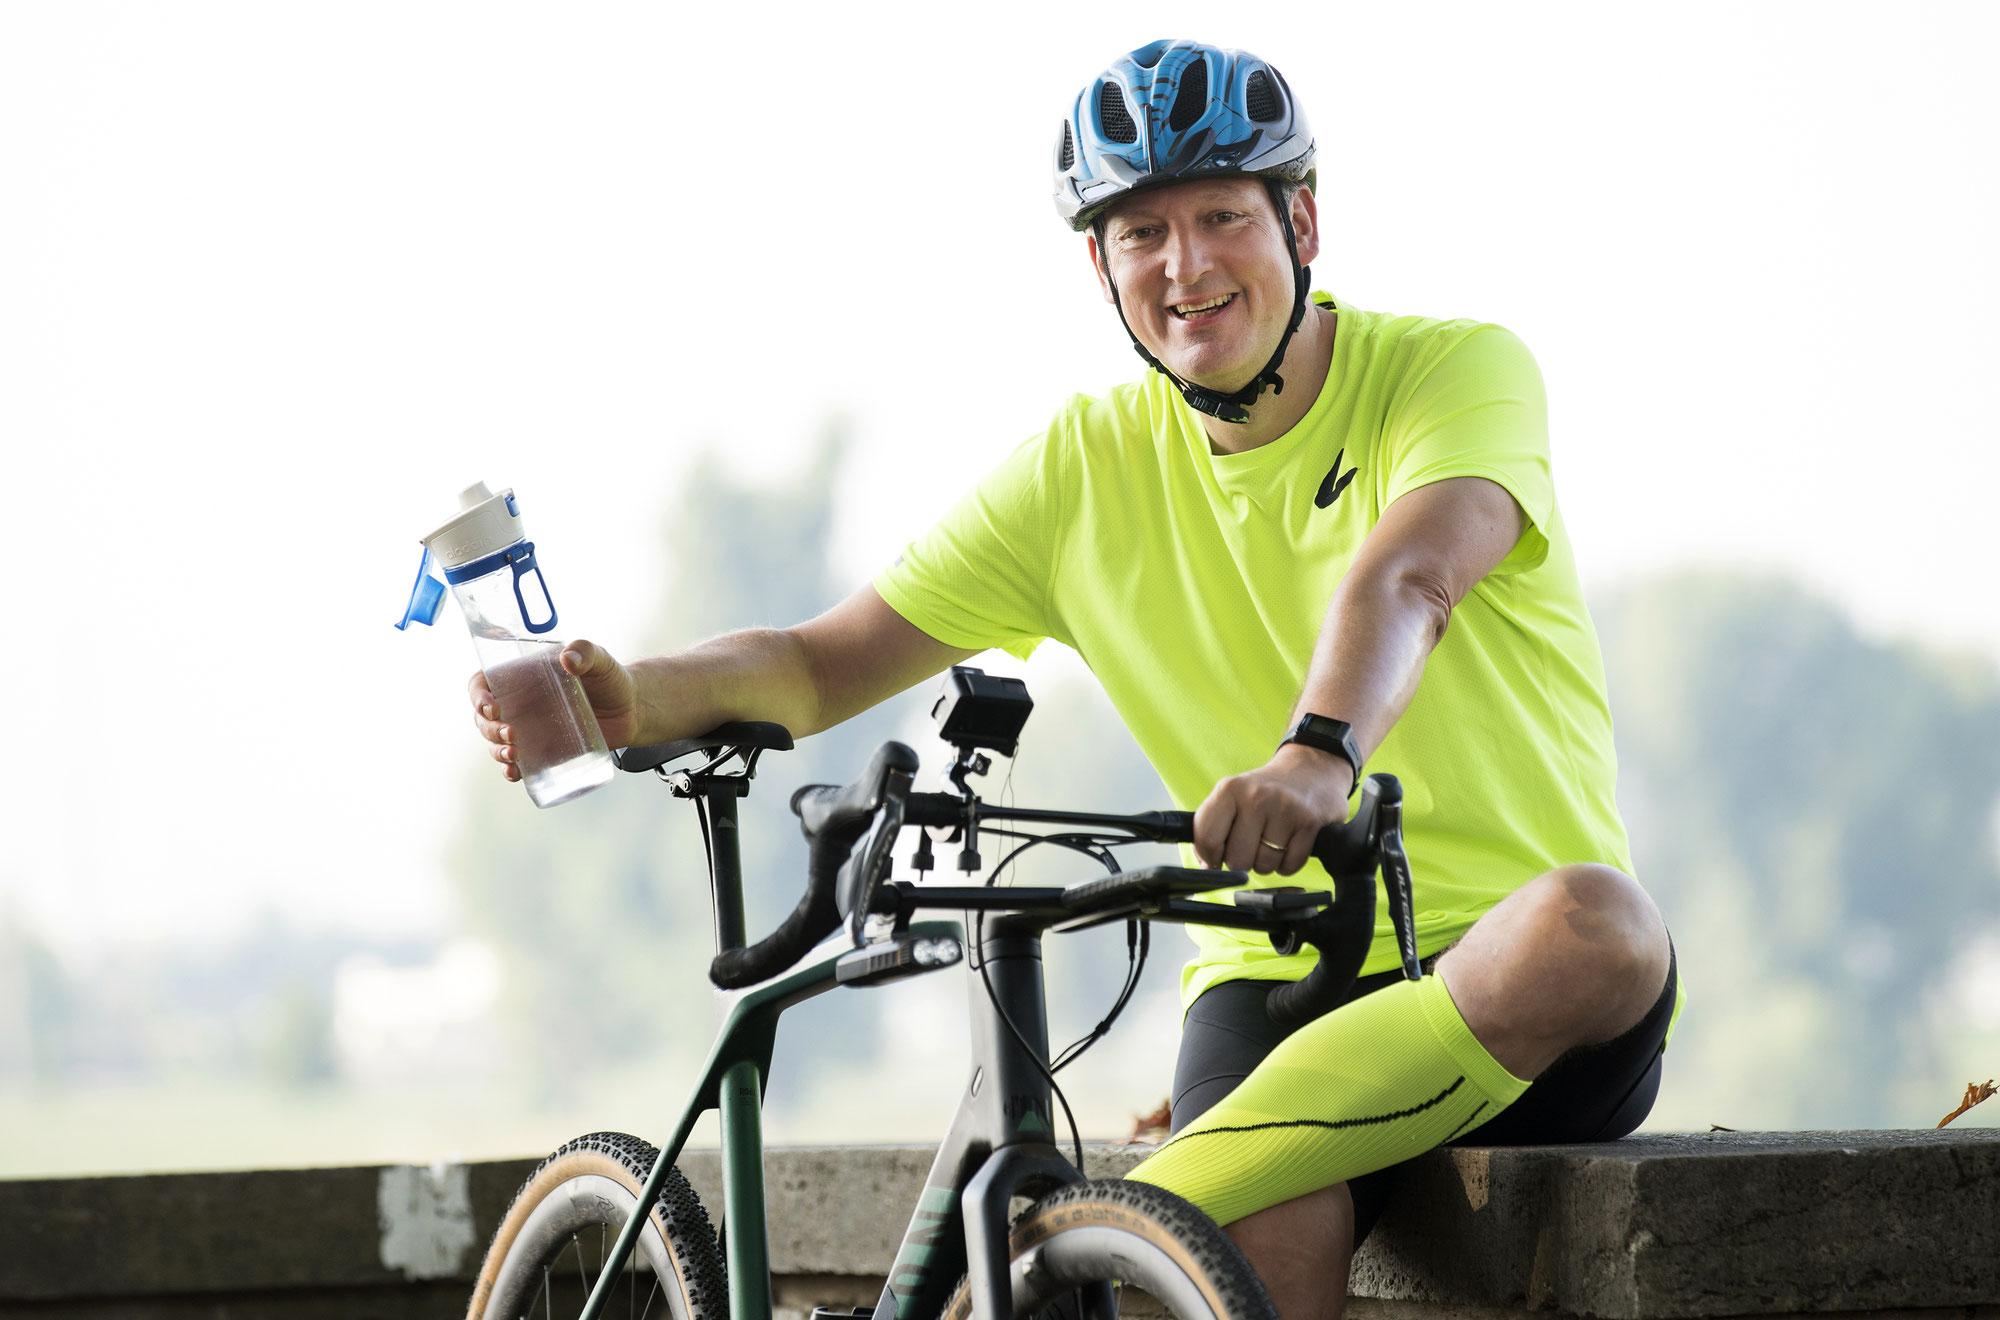 Die Fahrradfreundlichste Persönlichkeit 2021 ist...